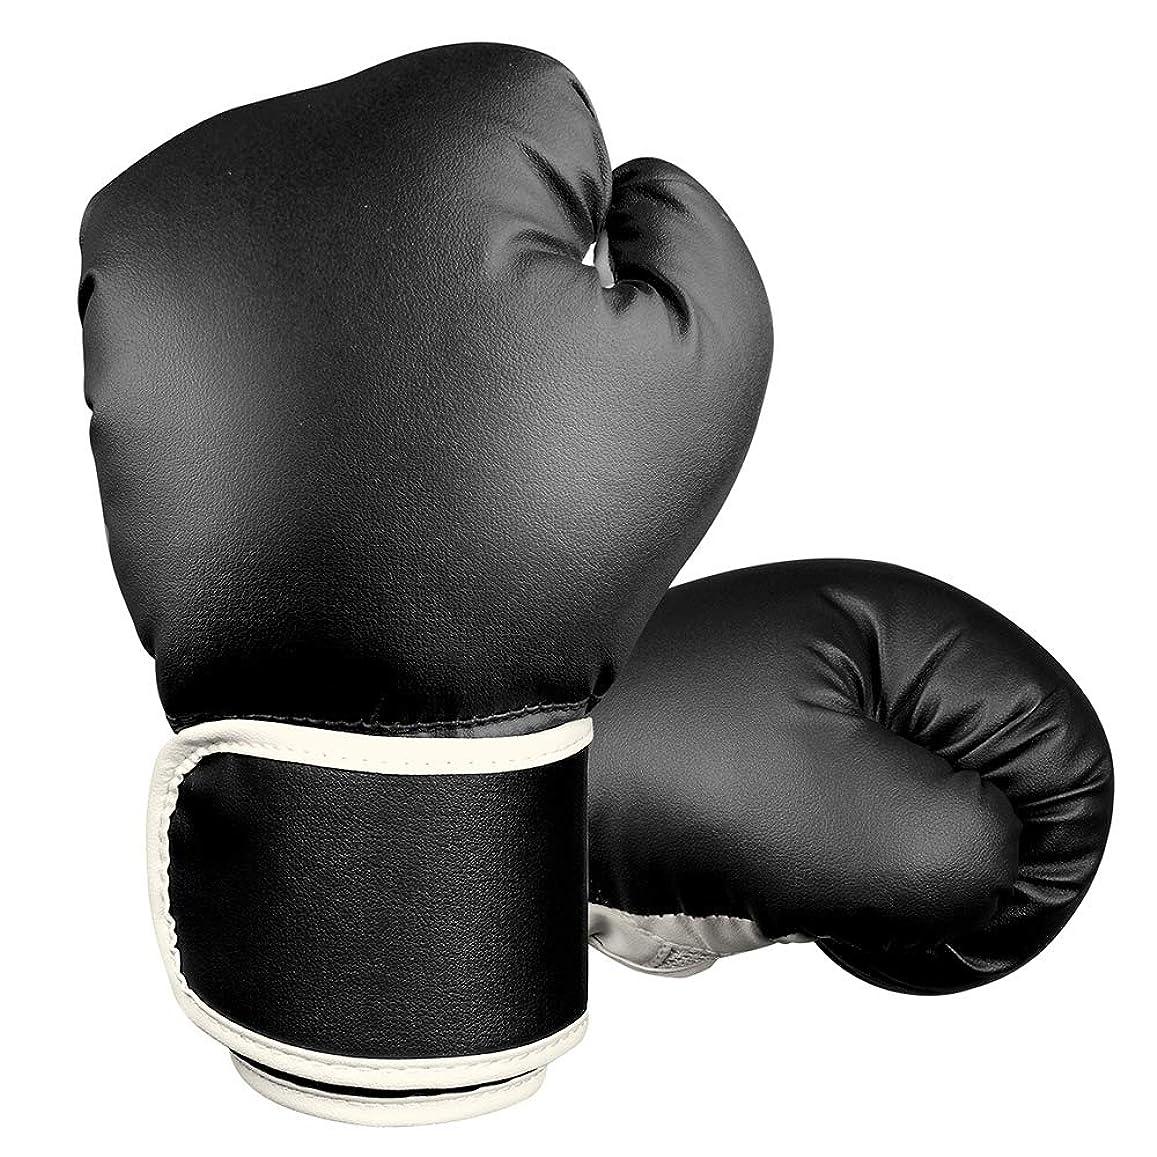 ビザ錫パトロンBojuキックボクシンググローブ パンチンググローブ 子供用 左右セット トレーニング 親子 格闘技 空手 ミット練習用 通気性 PUレザー